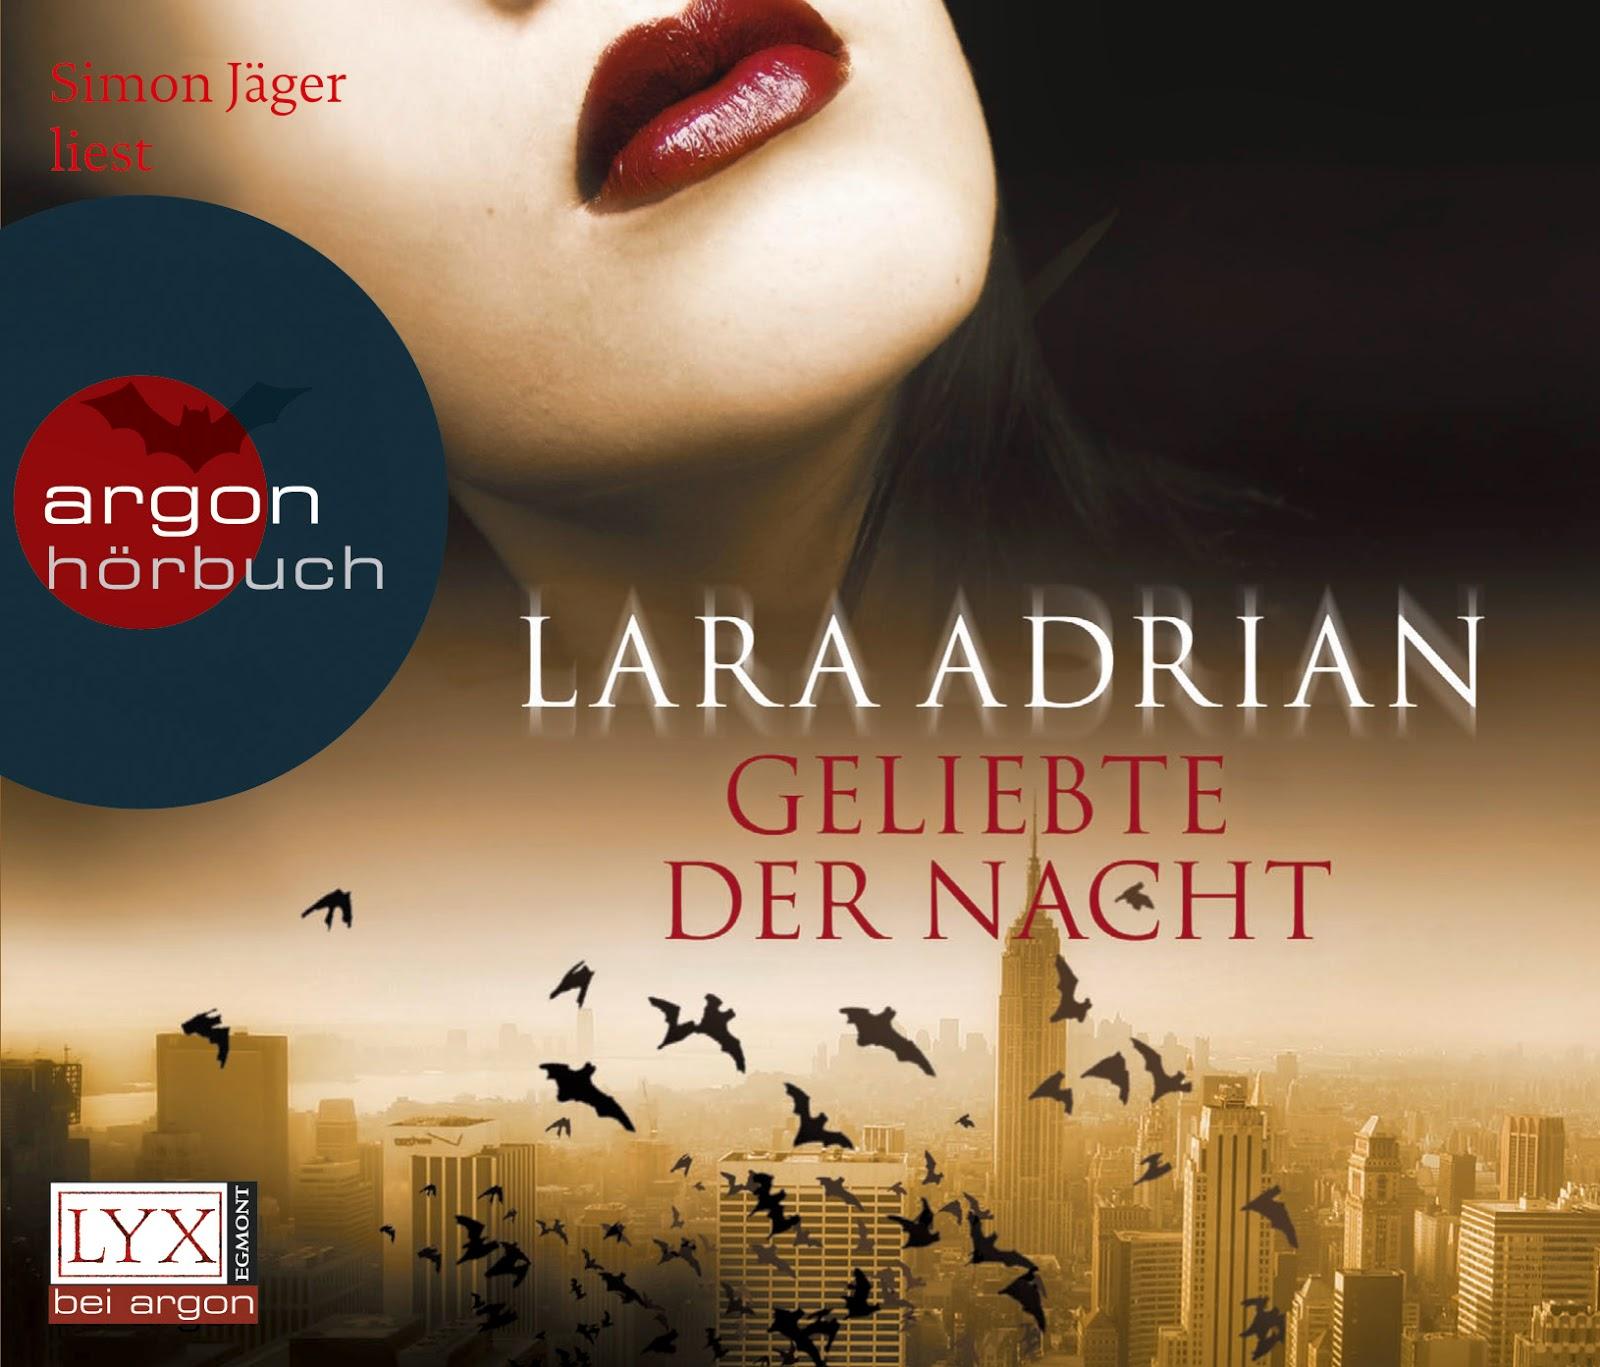 http://www.amazon.de/Geliebte-Nacht-Midnight-Breed-1/dp/B0085XMHKK/ref=sr_1_1?ie=UTF8&qid=1412798188&sr=8-1&keywords=Geliebte+Der+Nacht+h%C3%B6rbuch